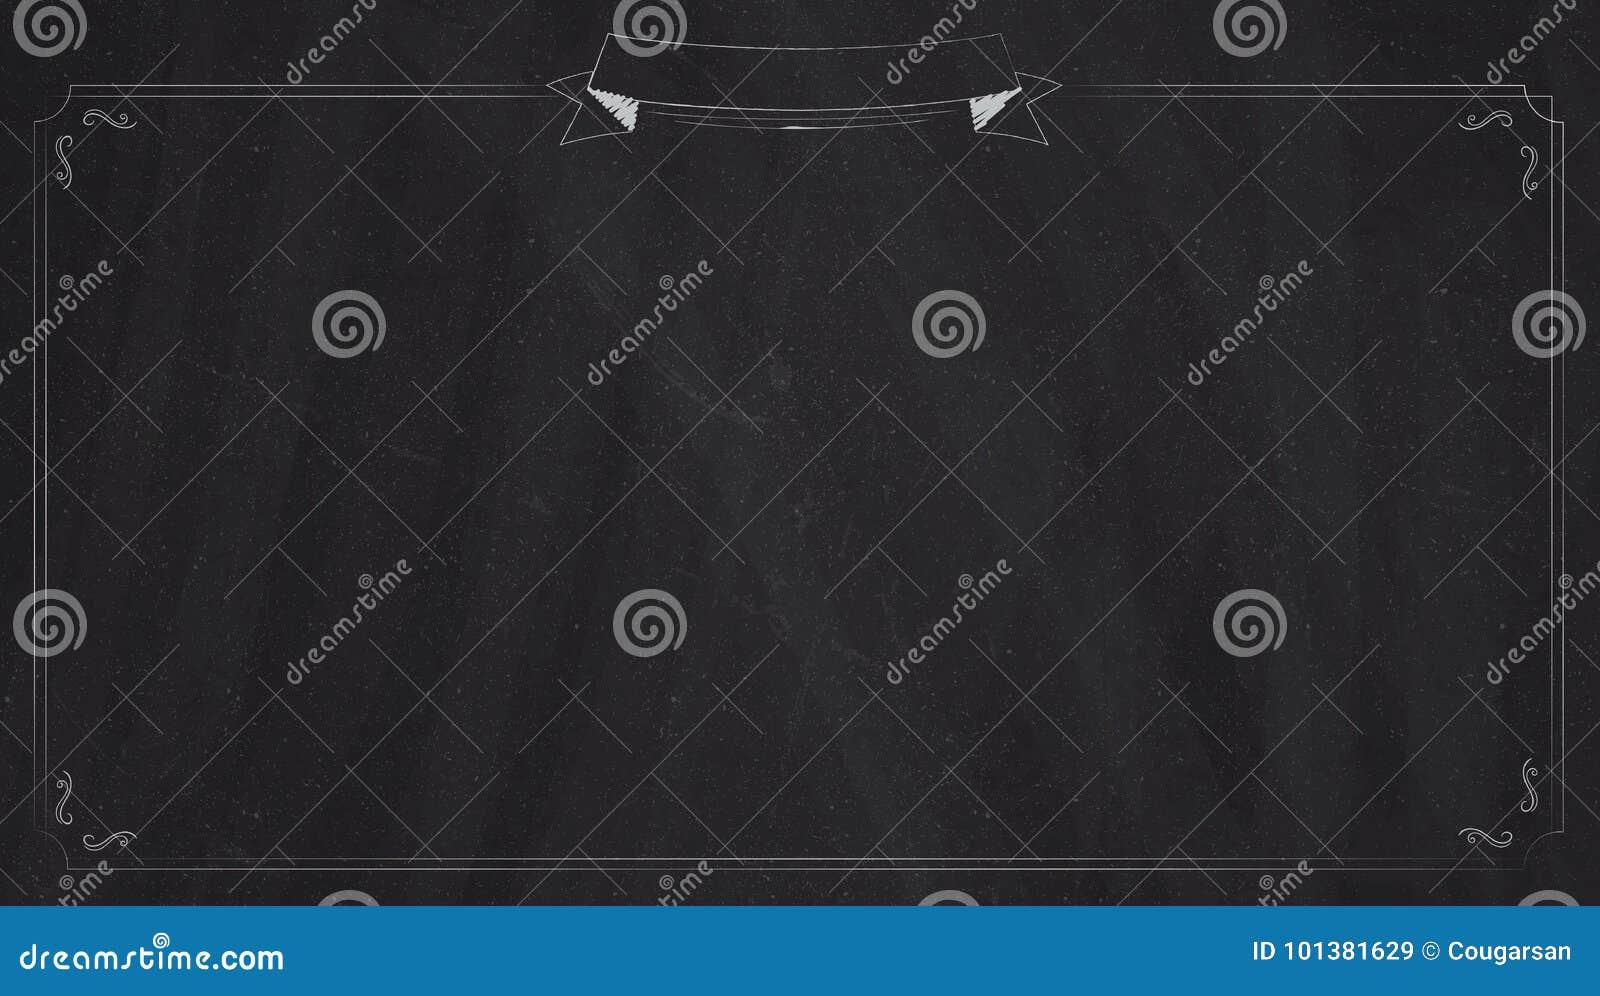 Retro Ecran Geant De Fond De Tableau Noir De Menu Large Illustration De Vecteur Illustration Du Large Noir 101381629